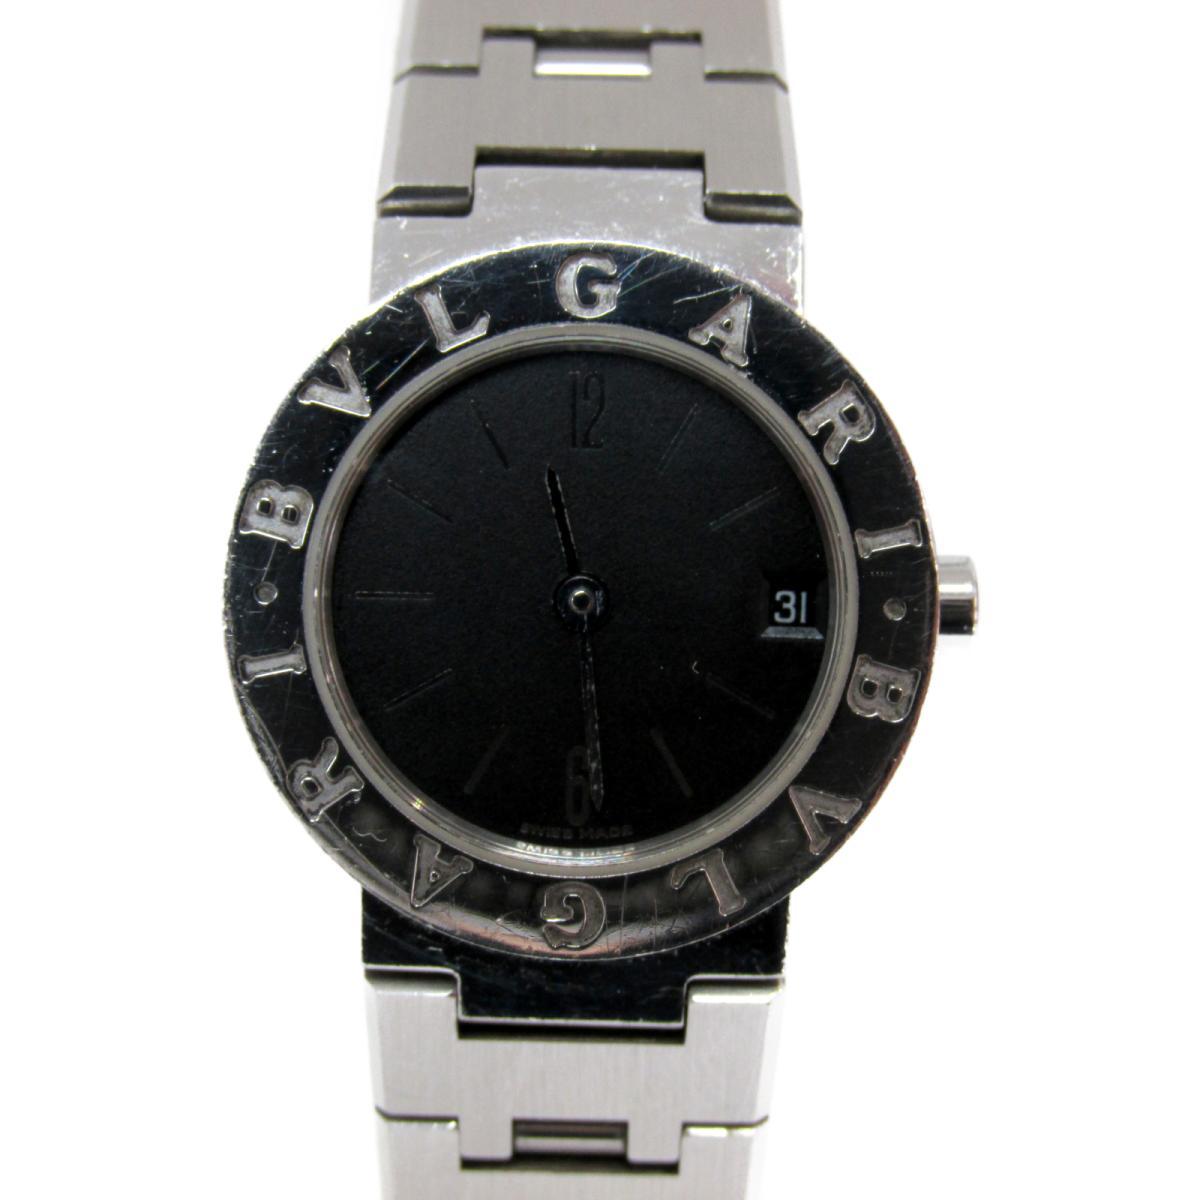 ≪期間限定≫メルマガ登録でクーポンGET! 【中古】 ブルガリ 腕時計 レディース (BB23SS) | BVLGARI BRANDOFF ブランドオフ ブランド ブランド時計 ブランド腕時計 時計 ウォッチ